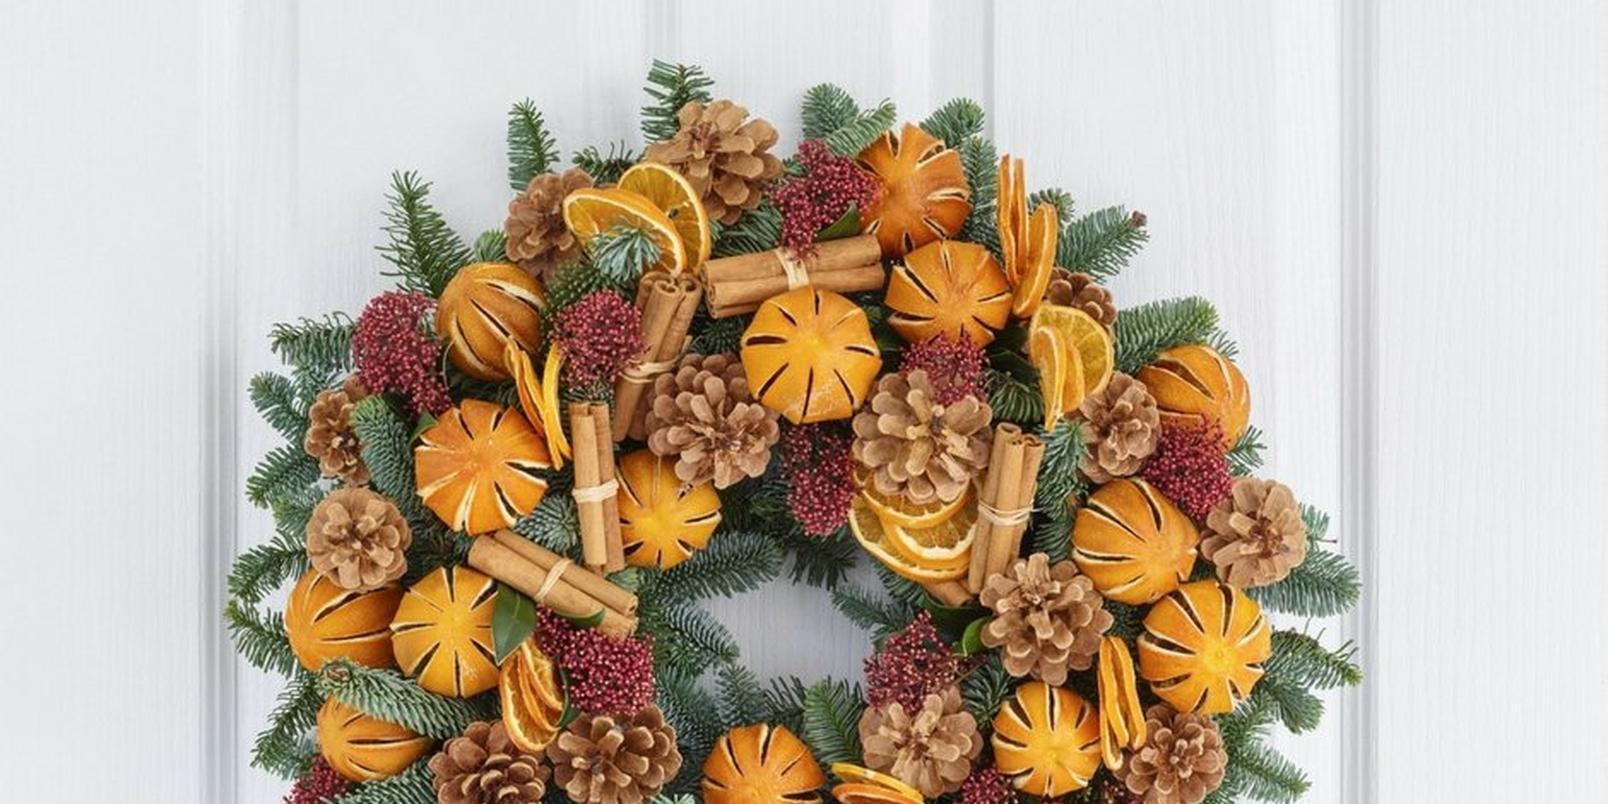 Christmas-wreath-2